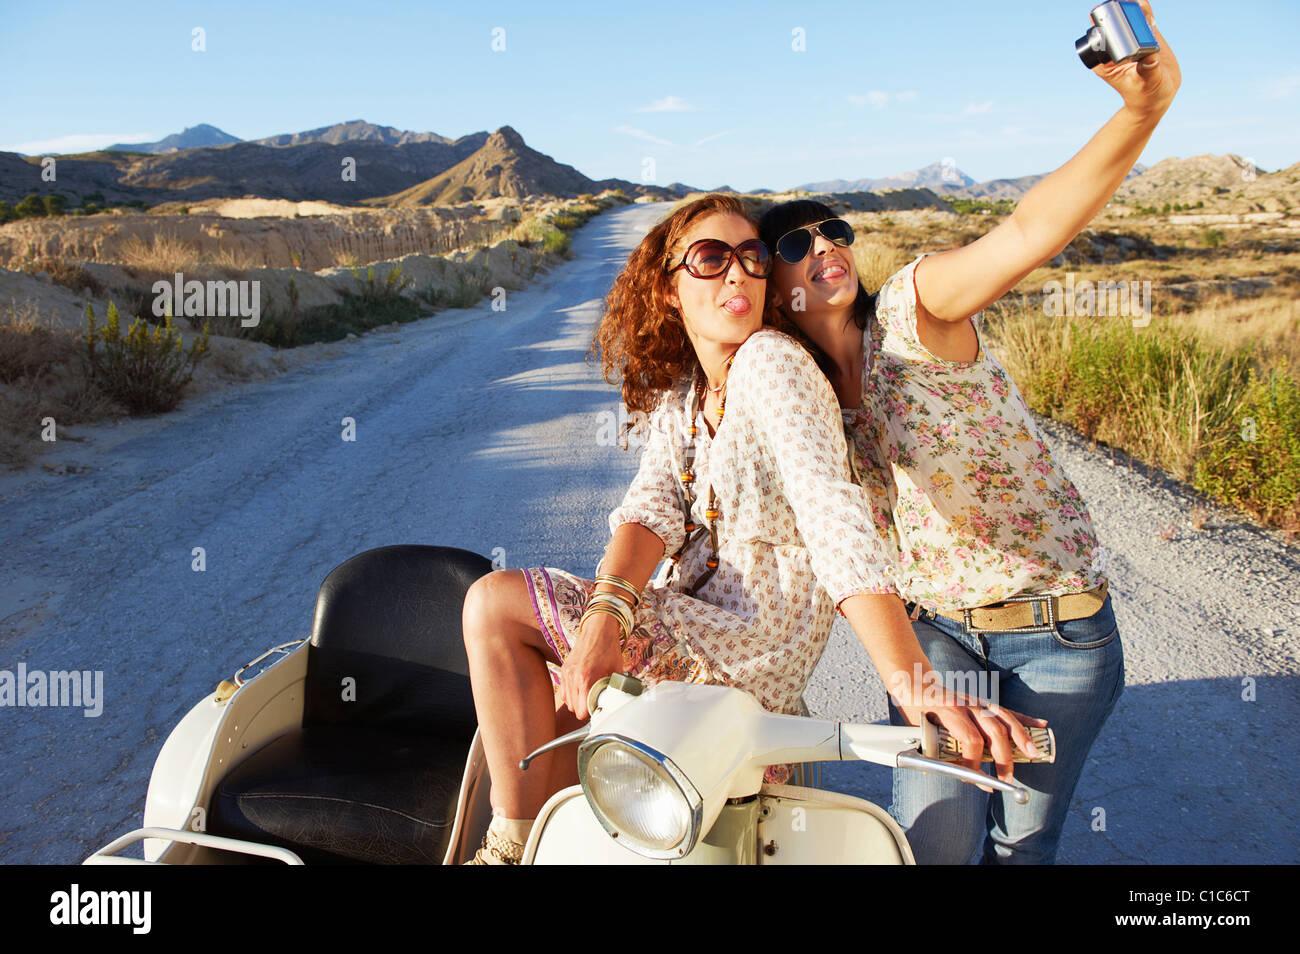 Women on motorbike taking photos - Stock Image